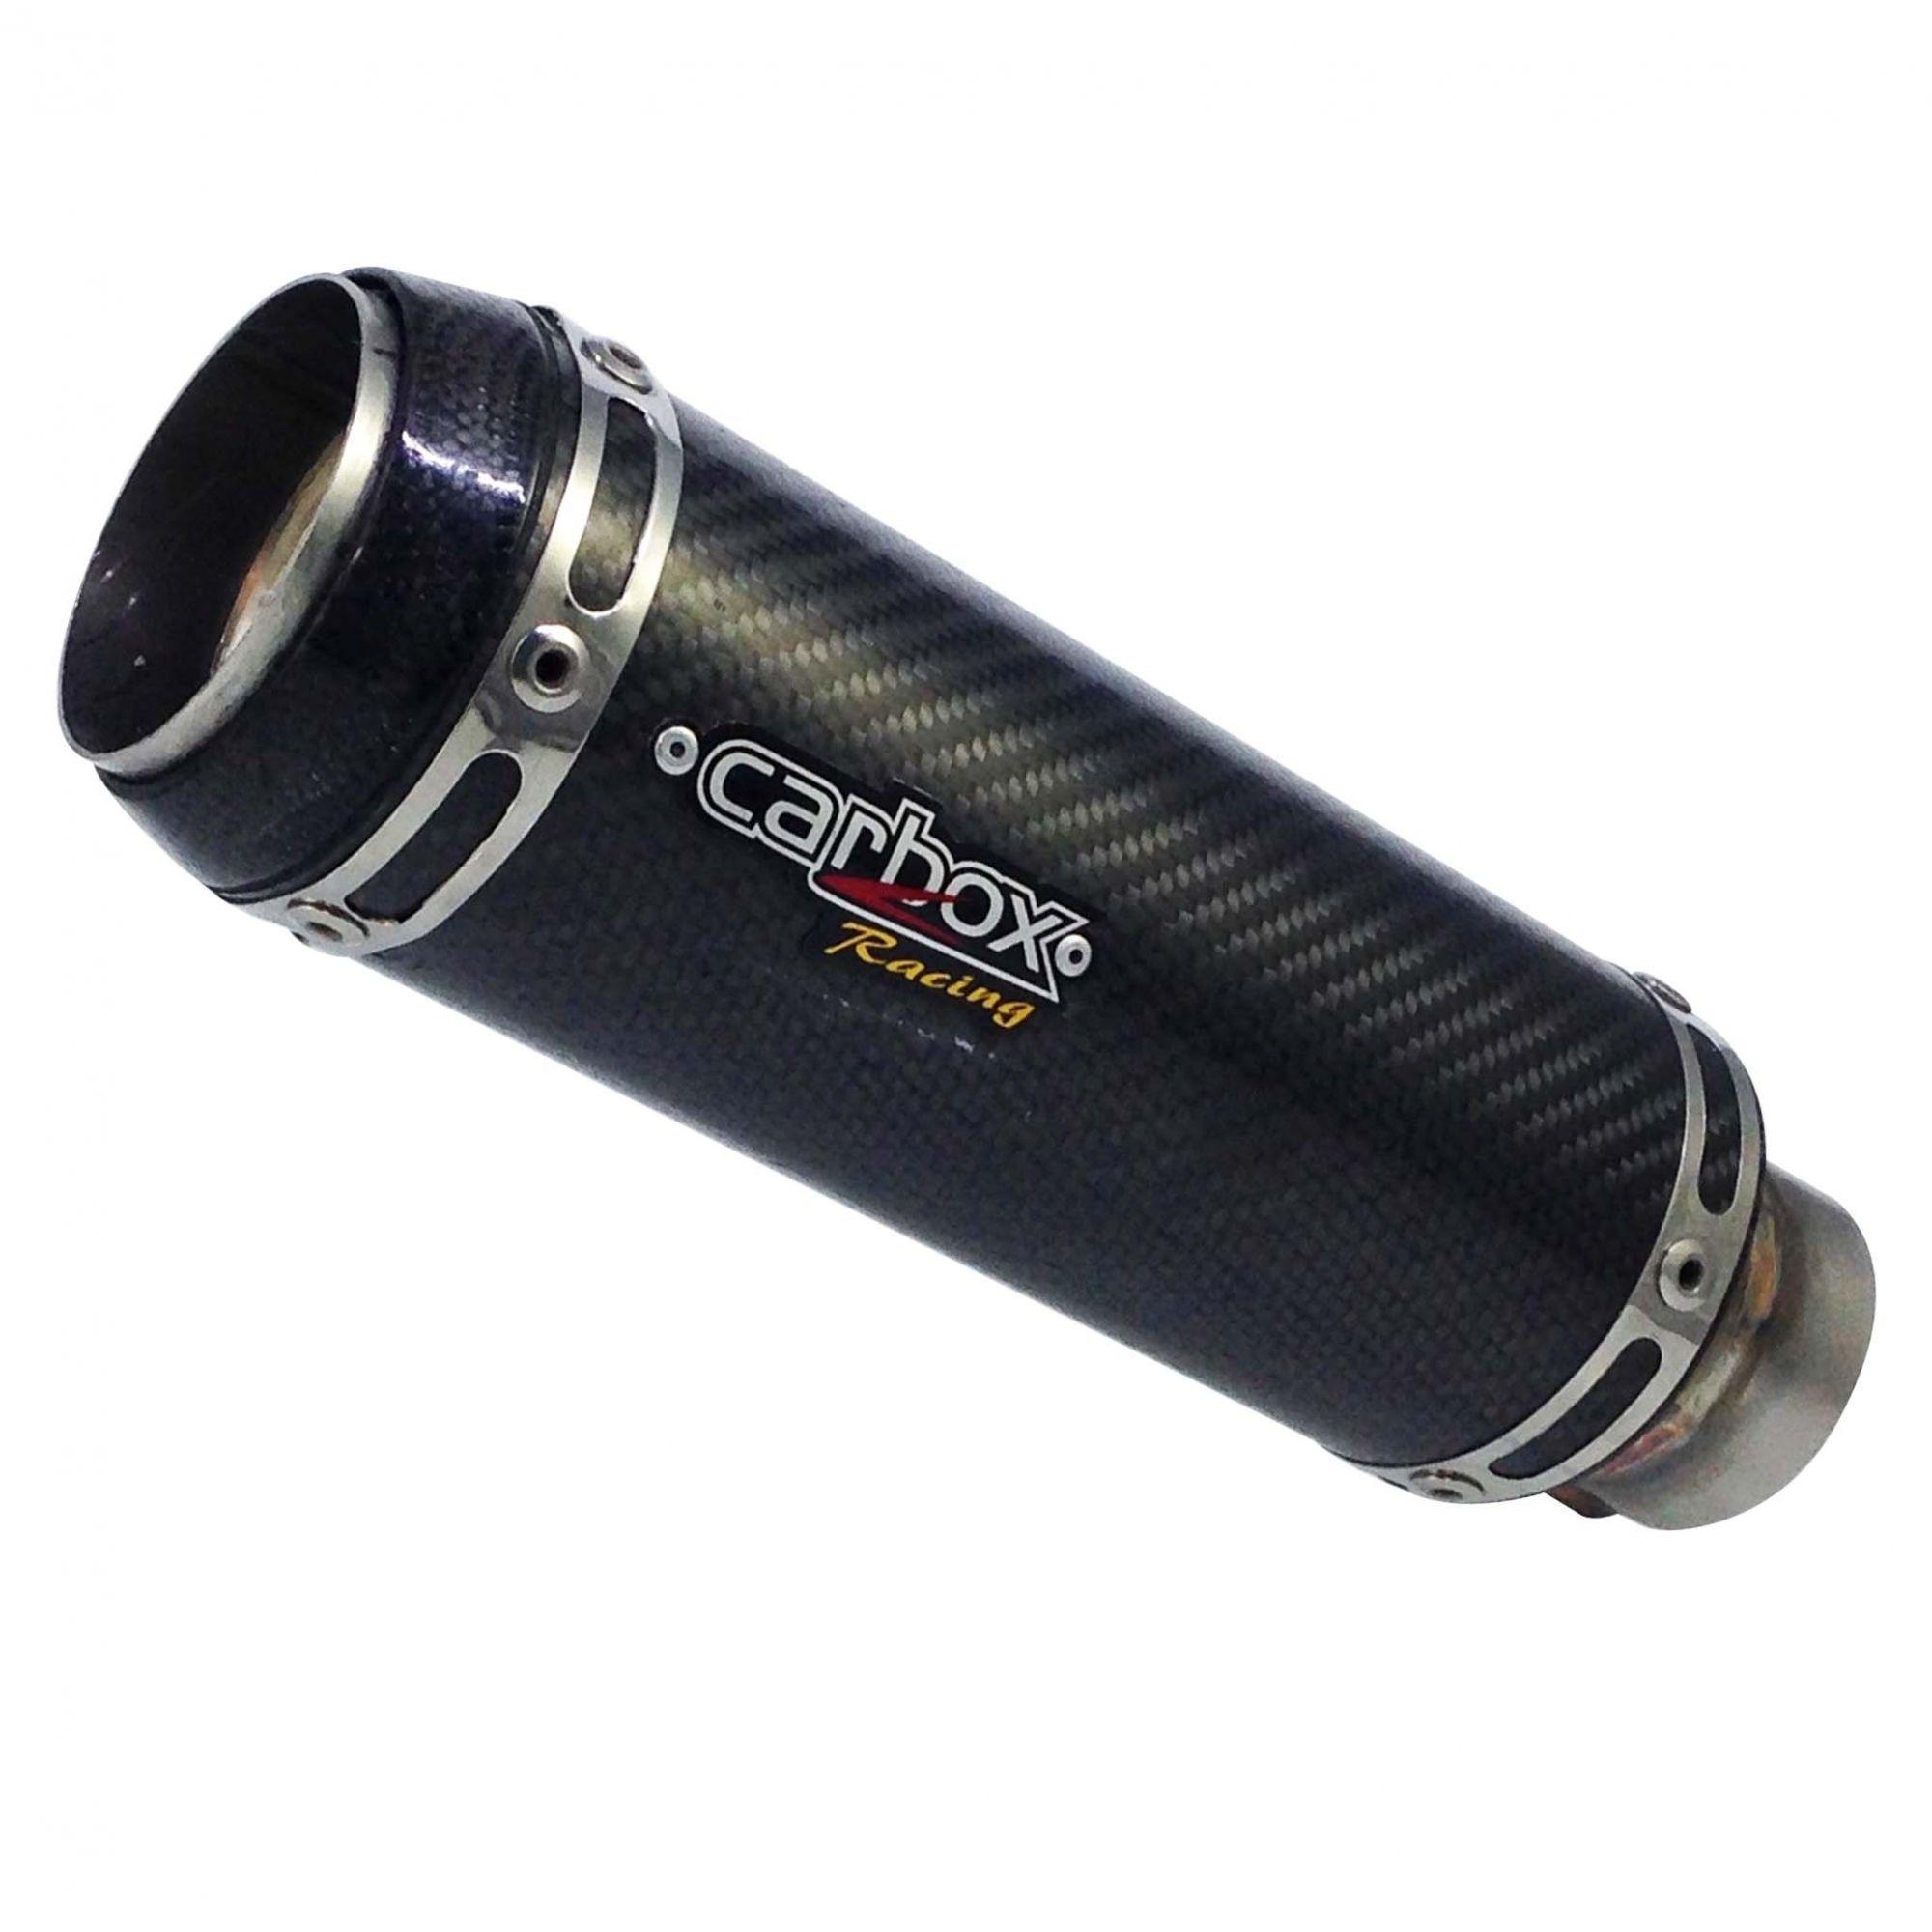 Ponteira Escapamento Gp Tech Carbon Full 2x1 Cima - Cb1000r